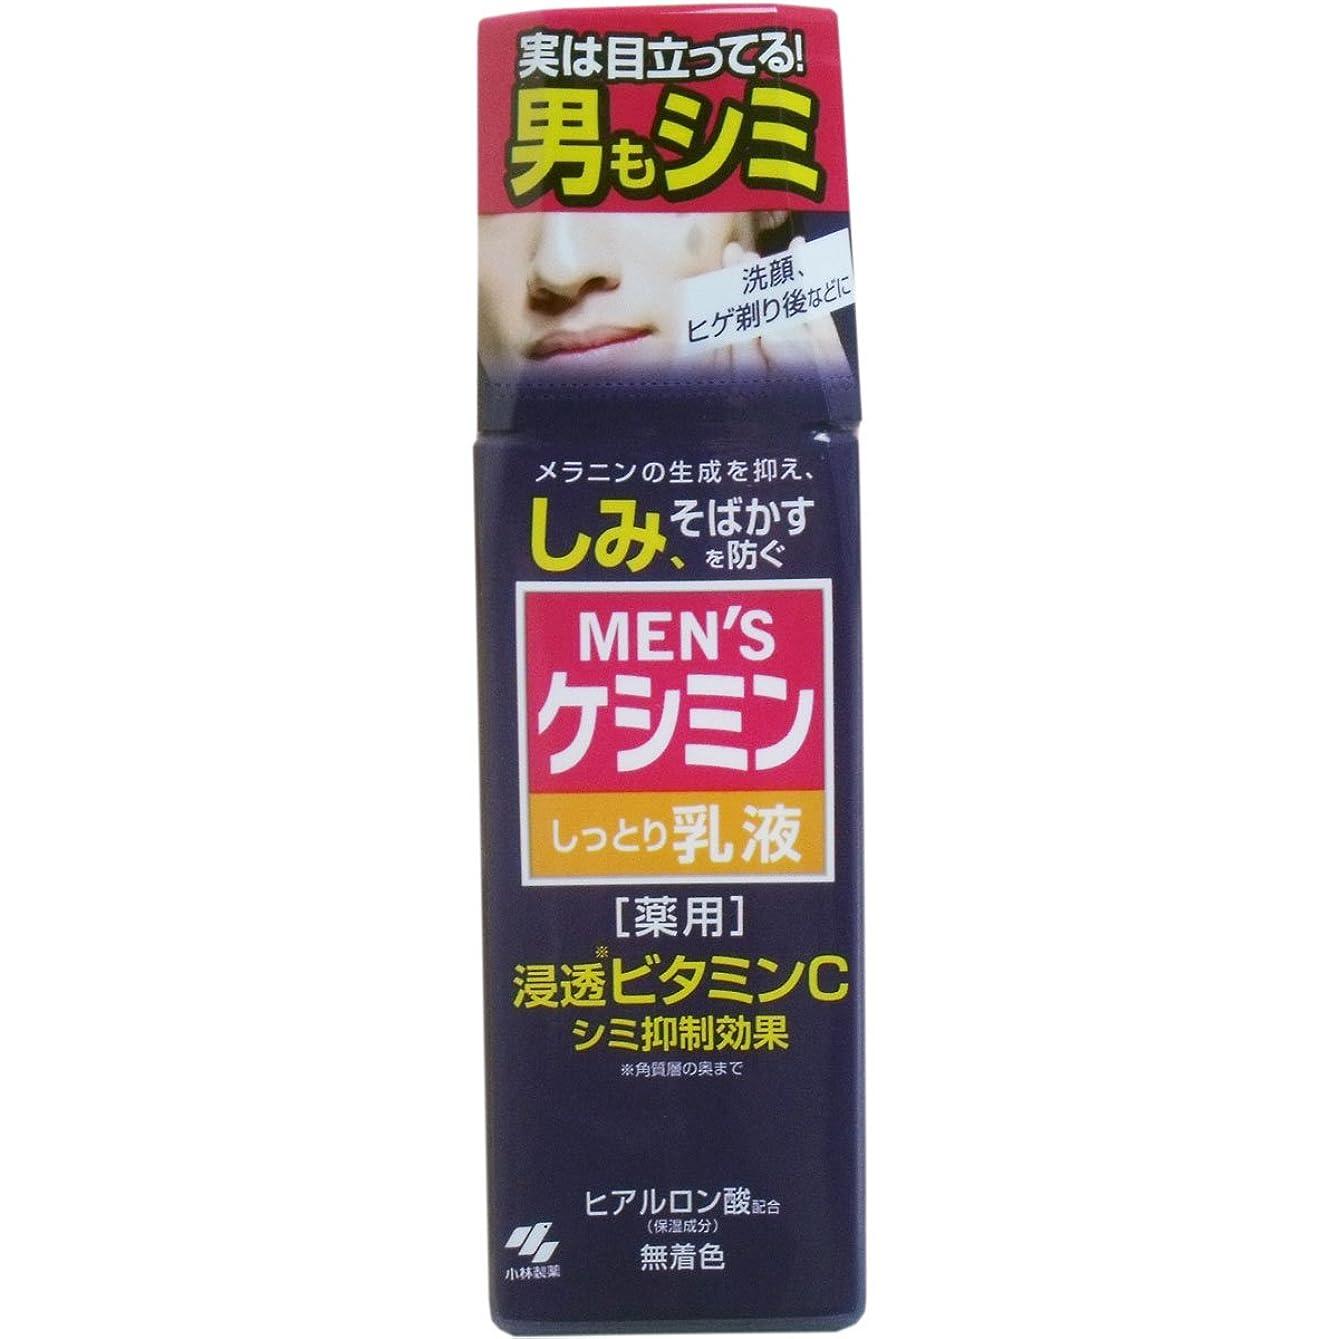 破壊ベイビーヒューム【小林製薬】メンズケシミン乳液 110ml ×5個セット